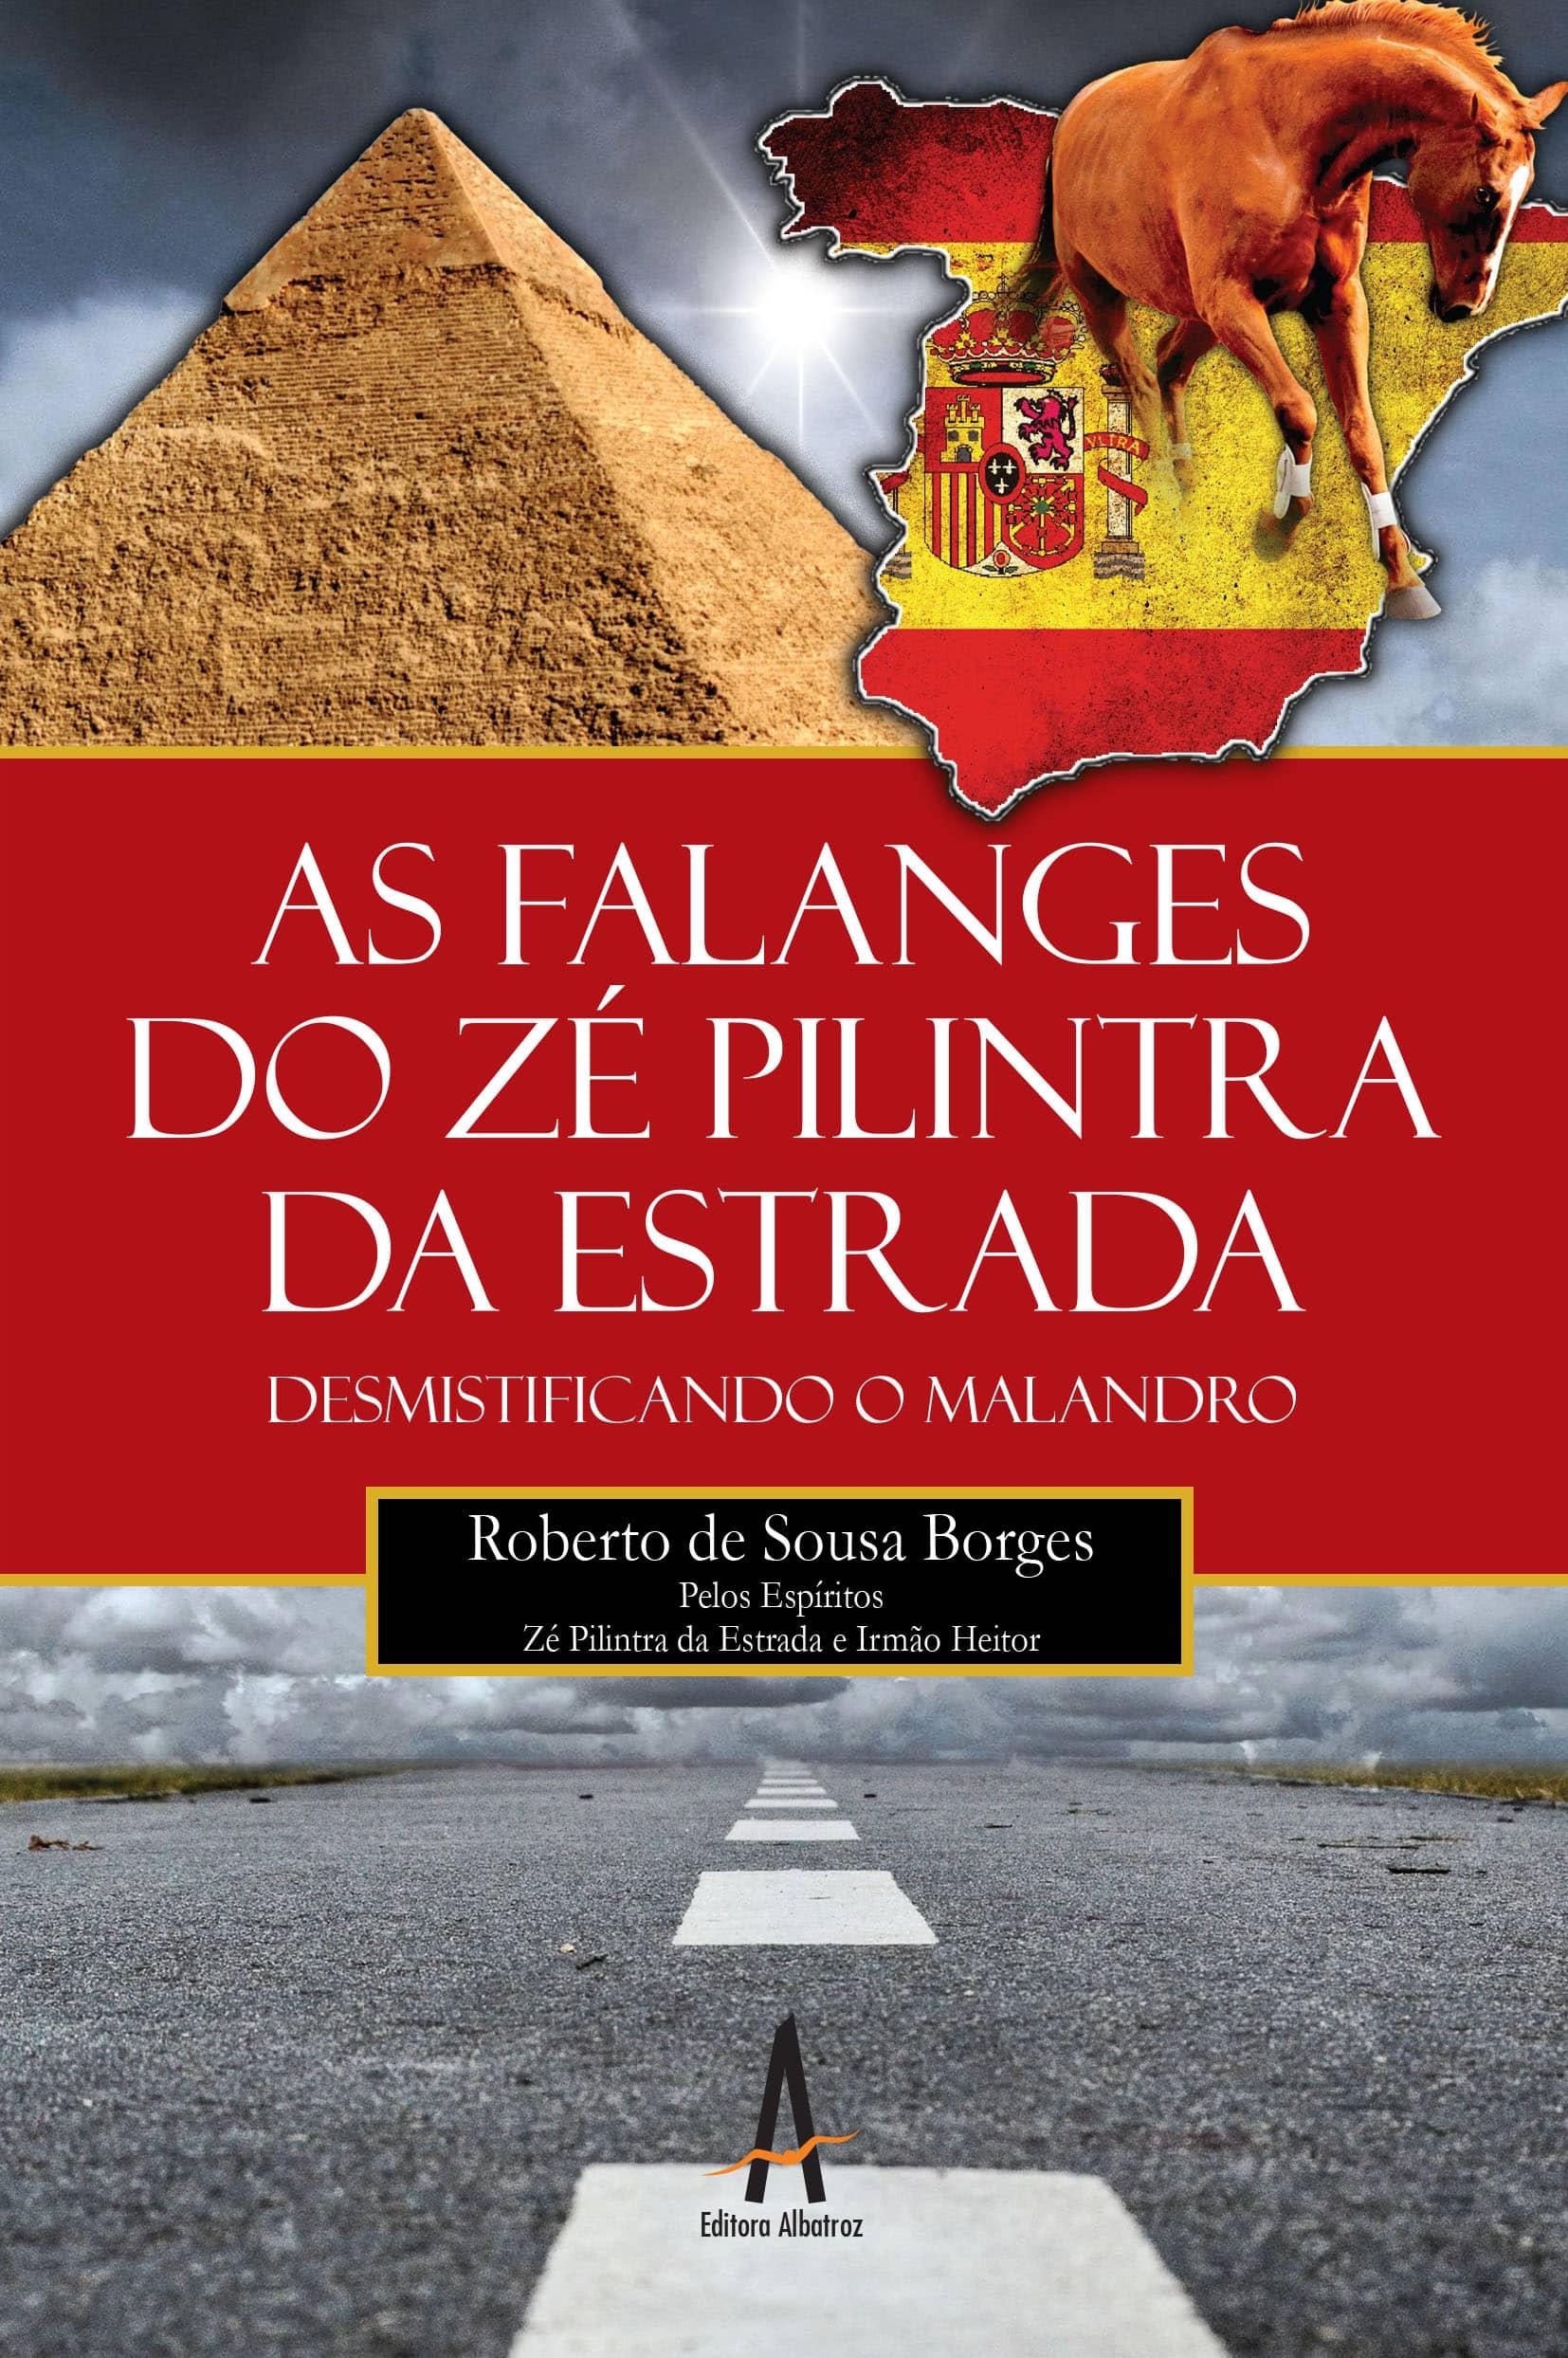 Zé Pilintra da estrada malandro candomblé macumba ubanda editora albatroz publicação como publicar seu livro meu publique seu livro como publicar meu livro